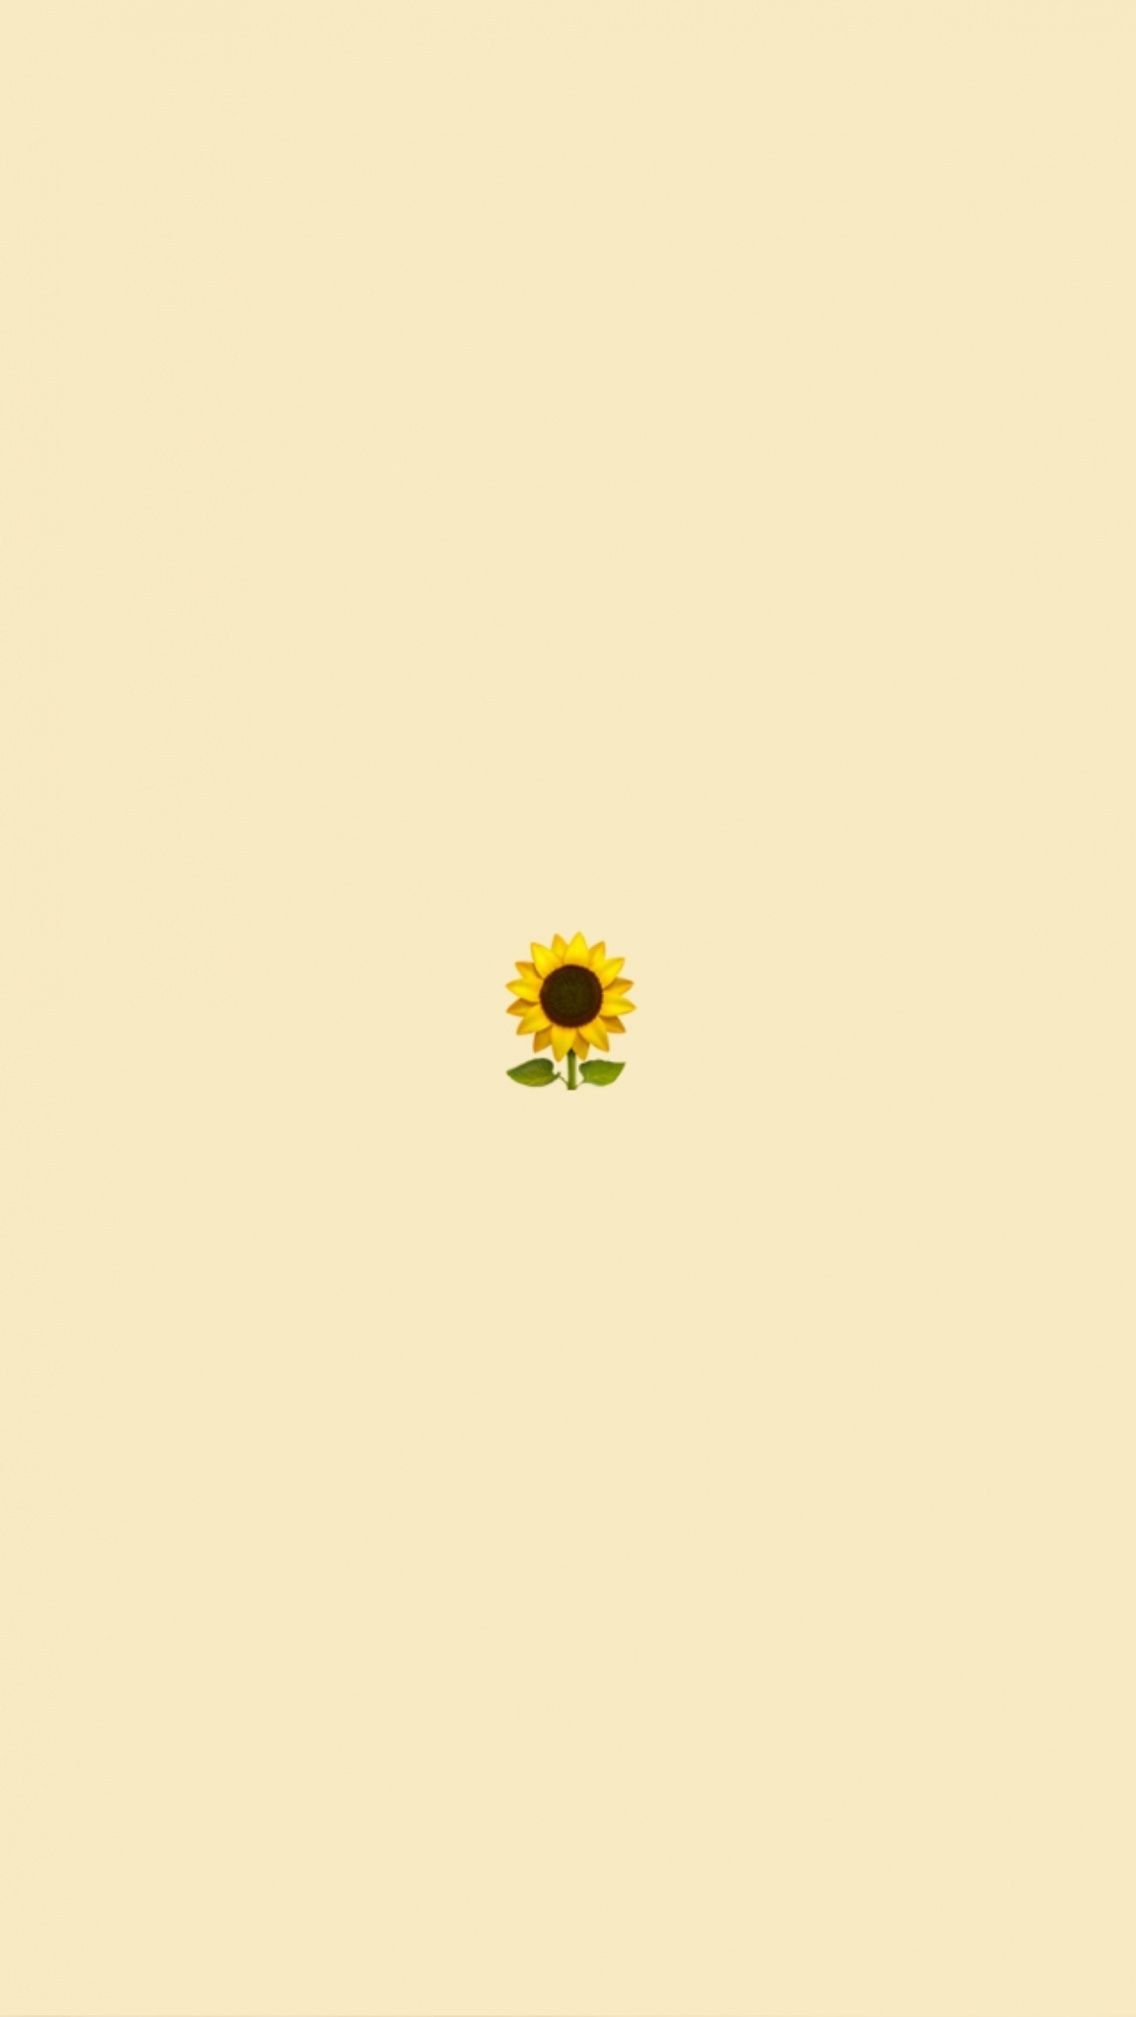 Vsco Cute Wallpapers Lockscreens 590323463639710212 Cute Simple Wallpapers Iphone Wallpaper Yellow Sunflower Wallpaper